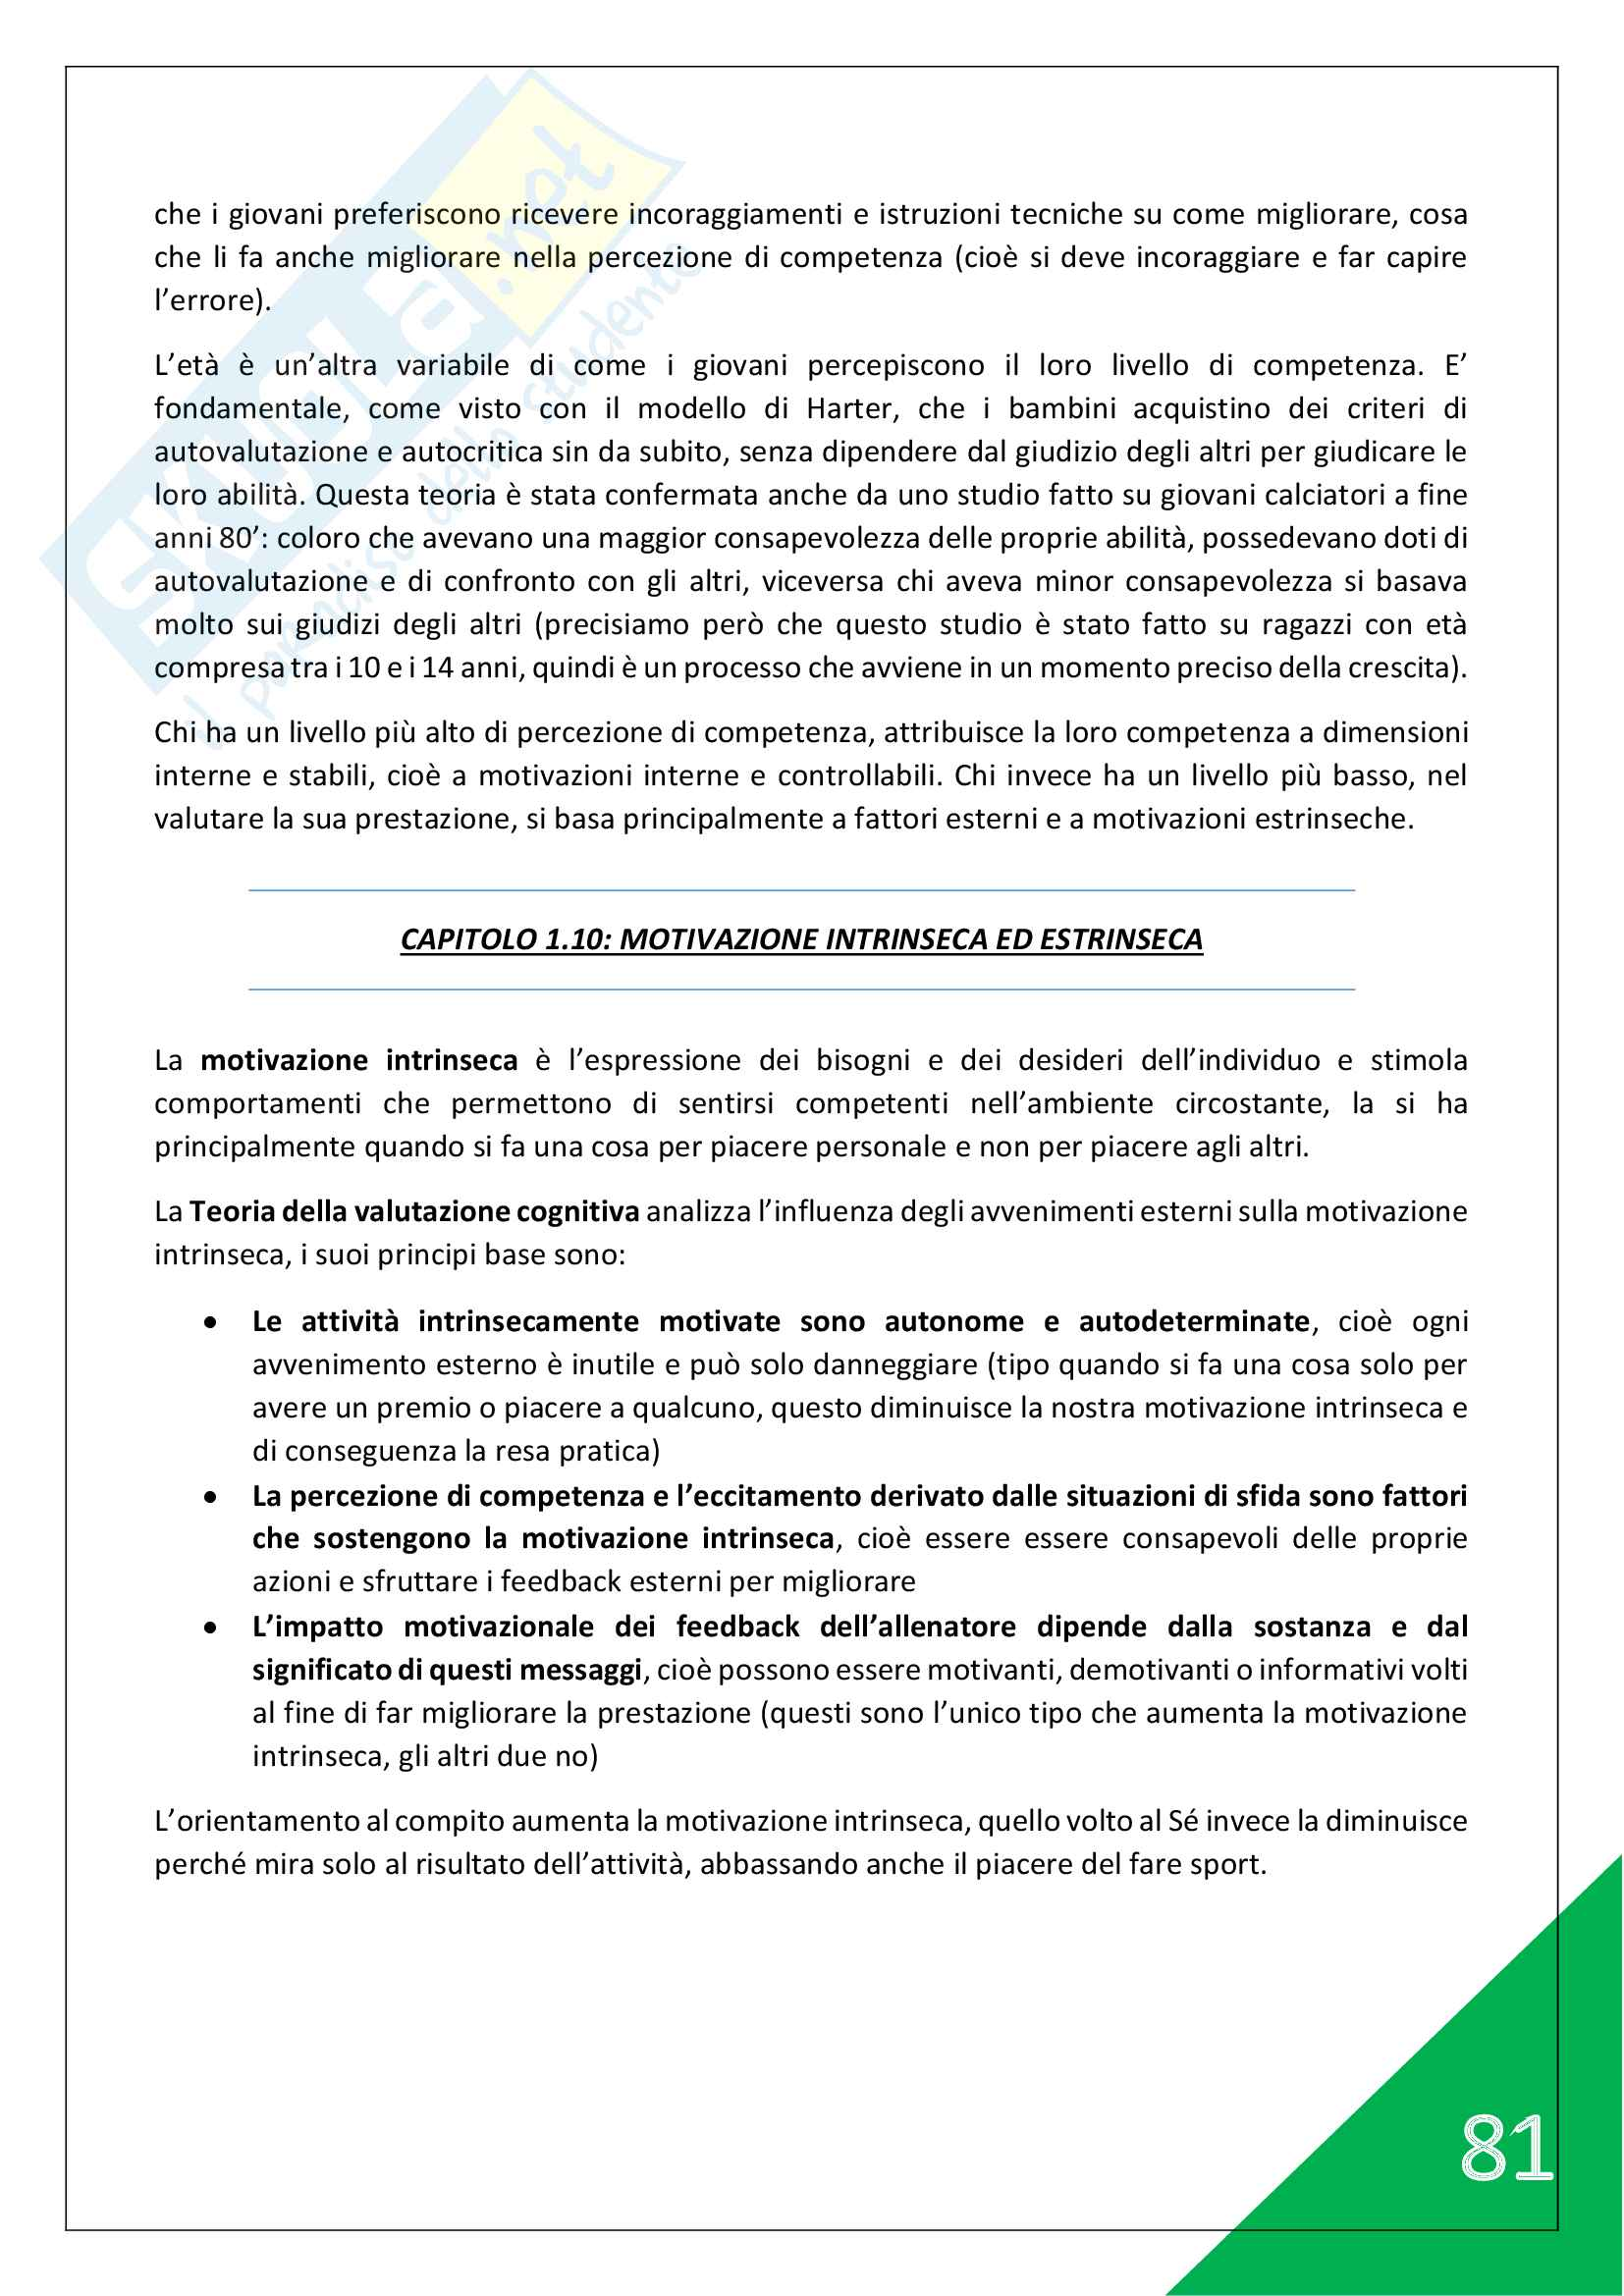 Psicologia generale e dello Sport - 1° Anno Scienze Motorie Pag. 81